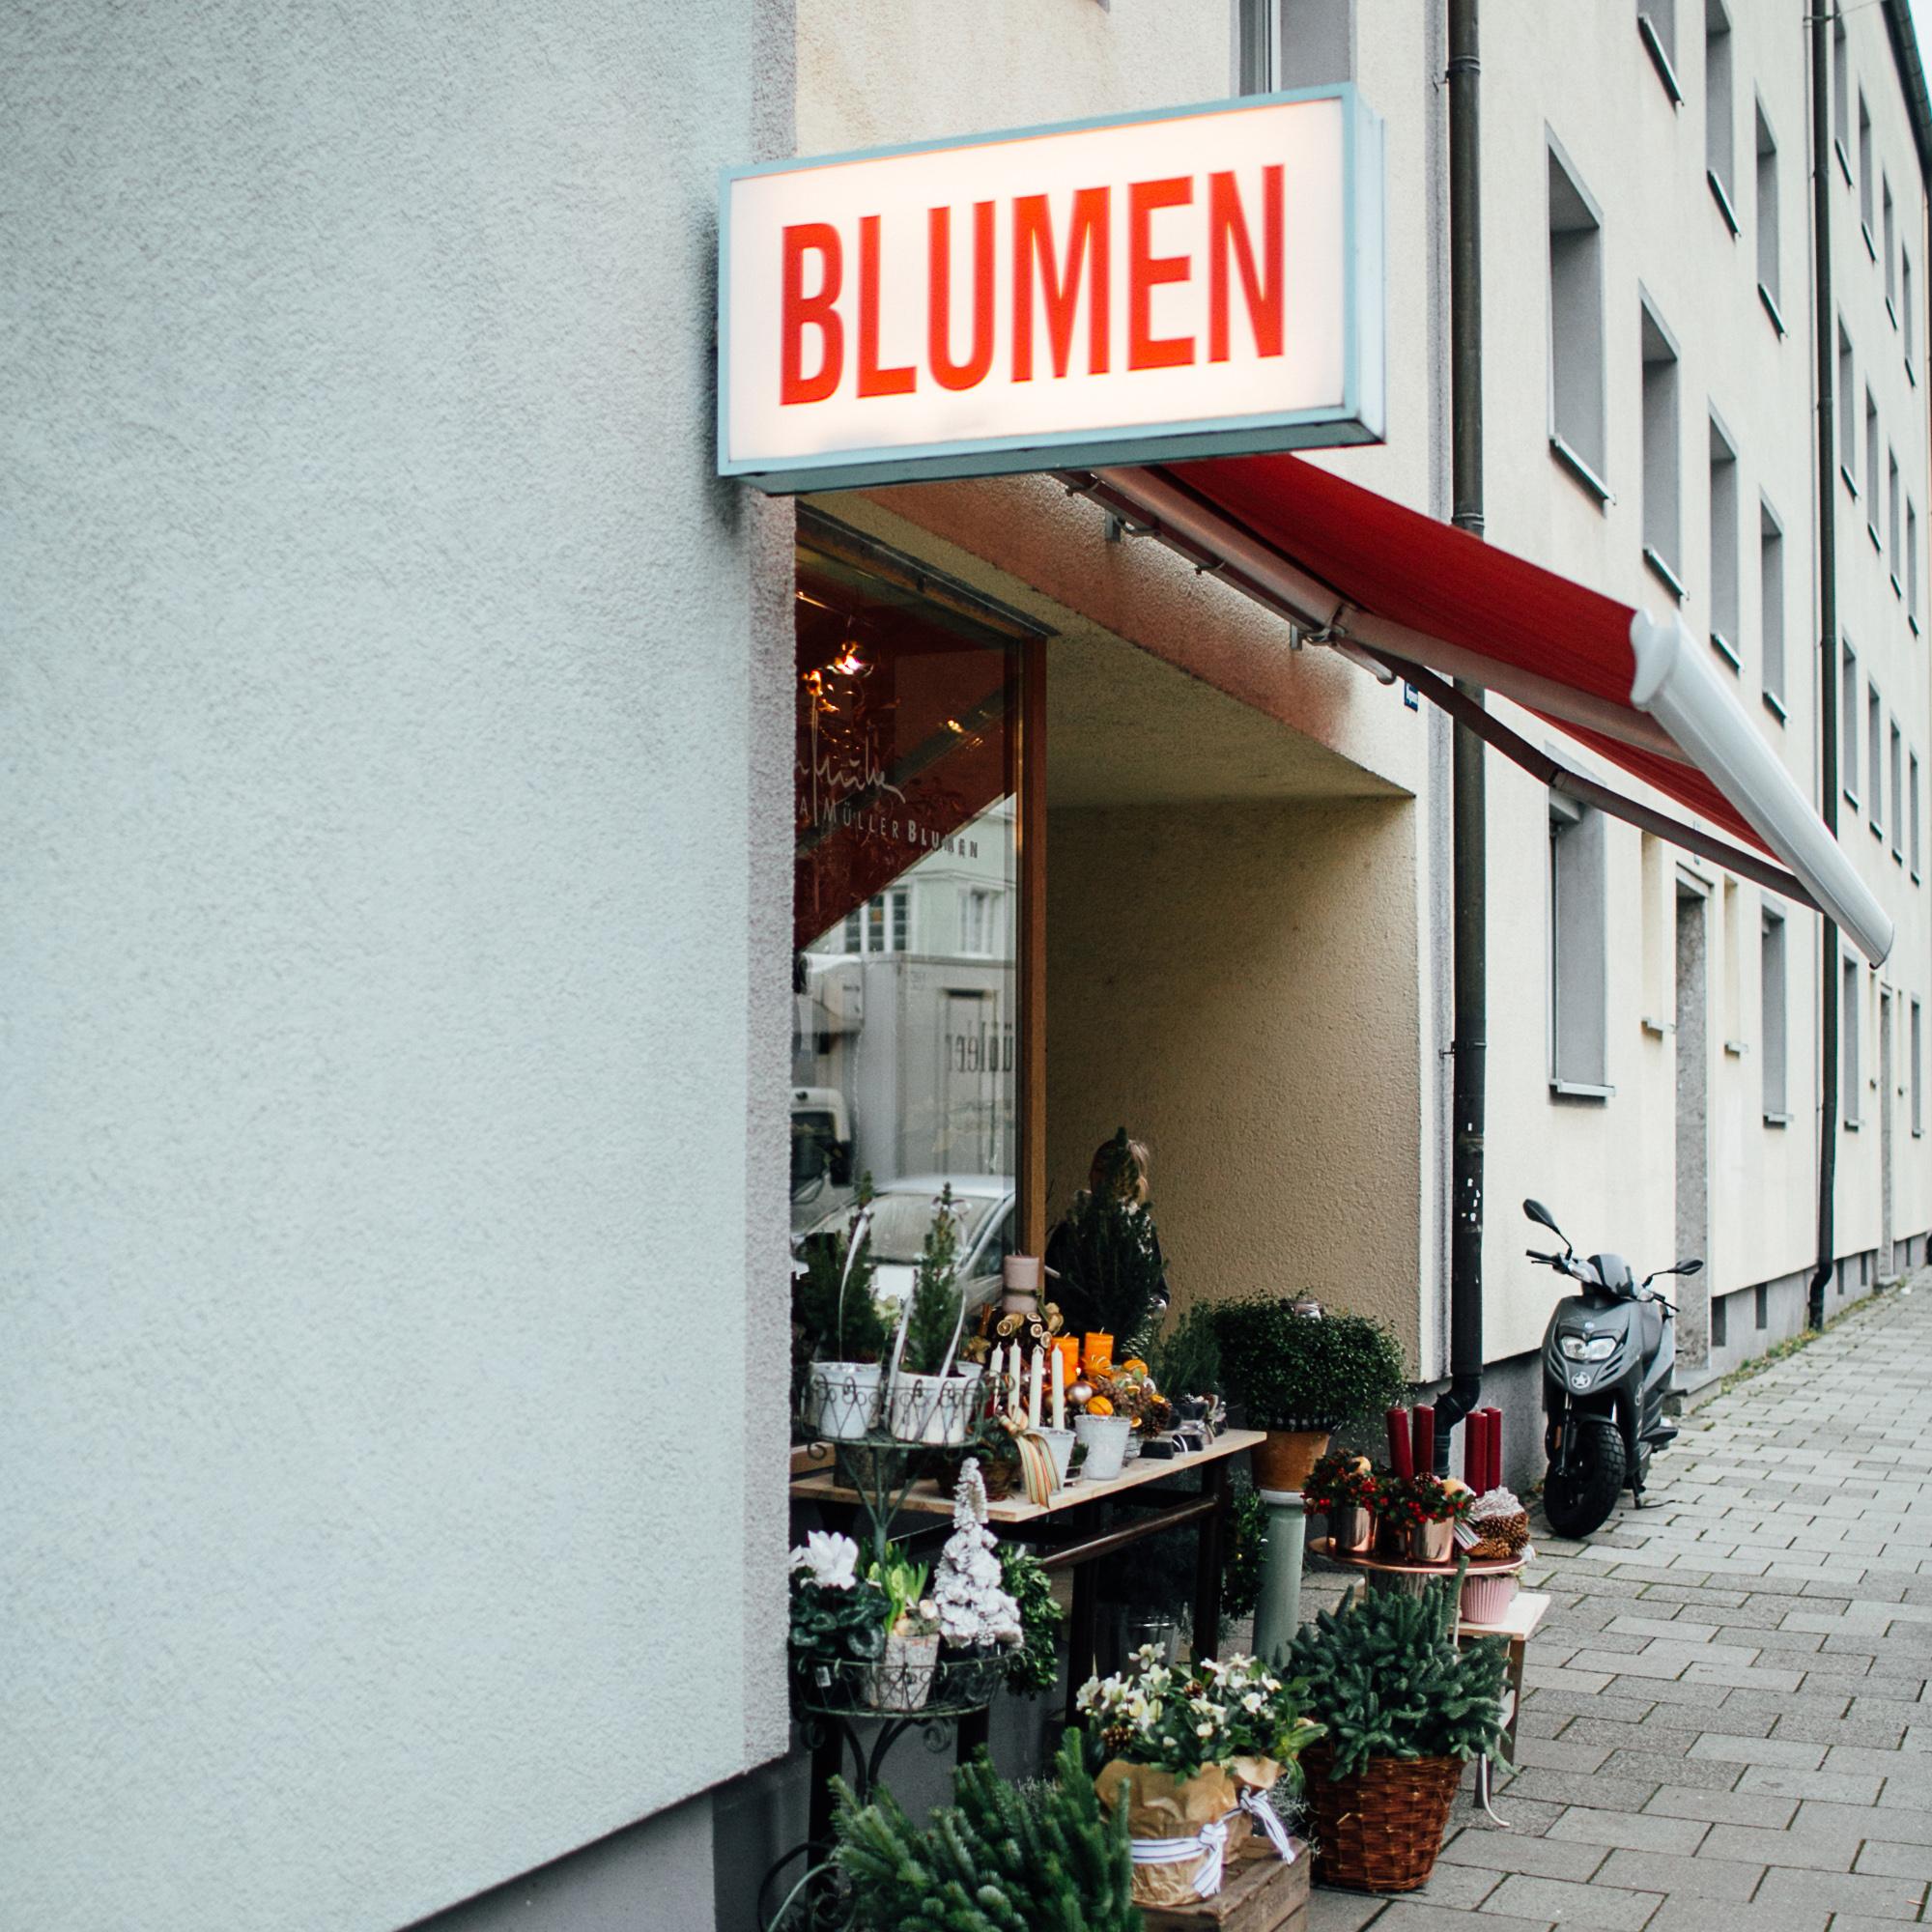 petramuellerblumen-bergmannstrasse.jpg